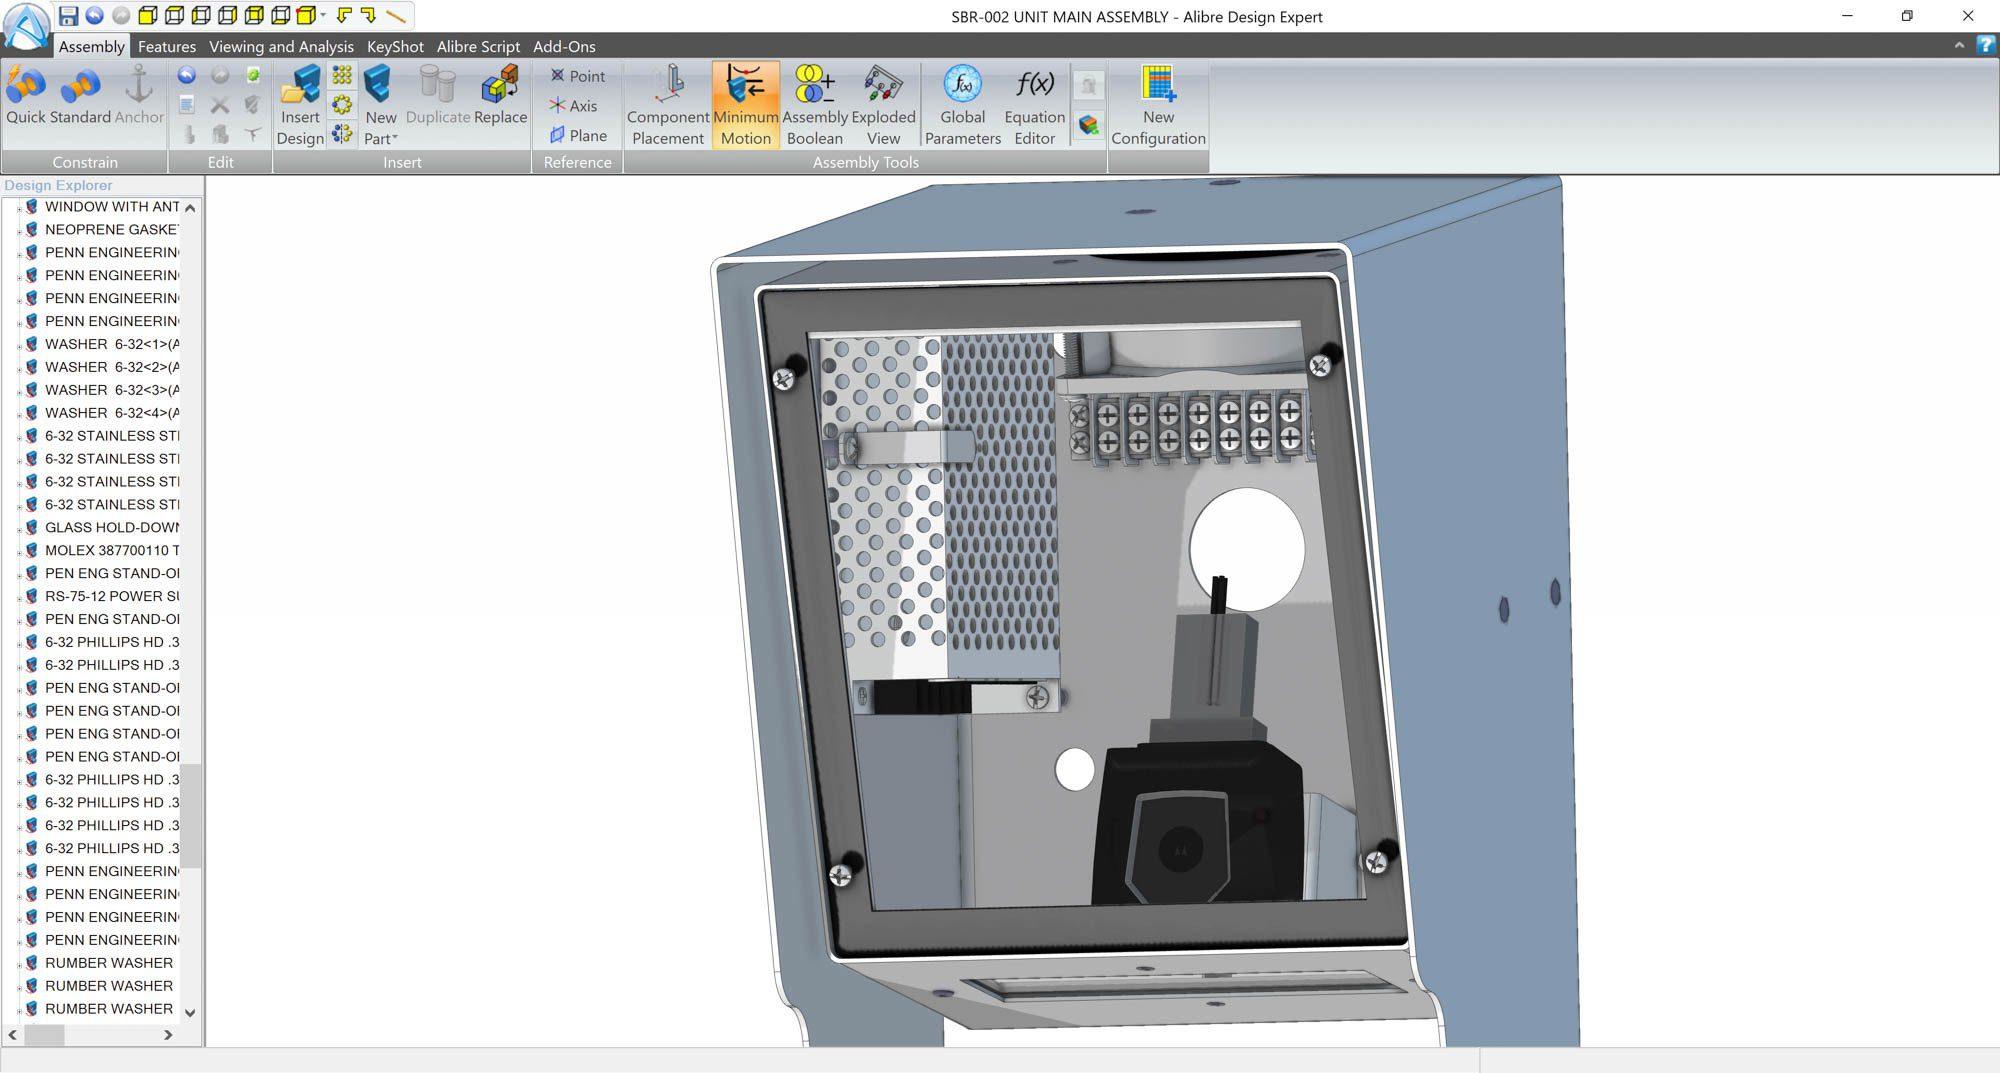 alibre-design-zrzut-ekranu-elektronika-i-systemy-kontroli-skaner-przemyslowy